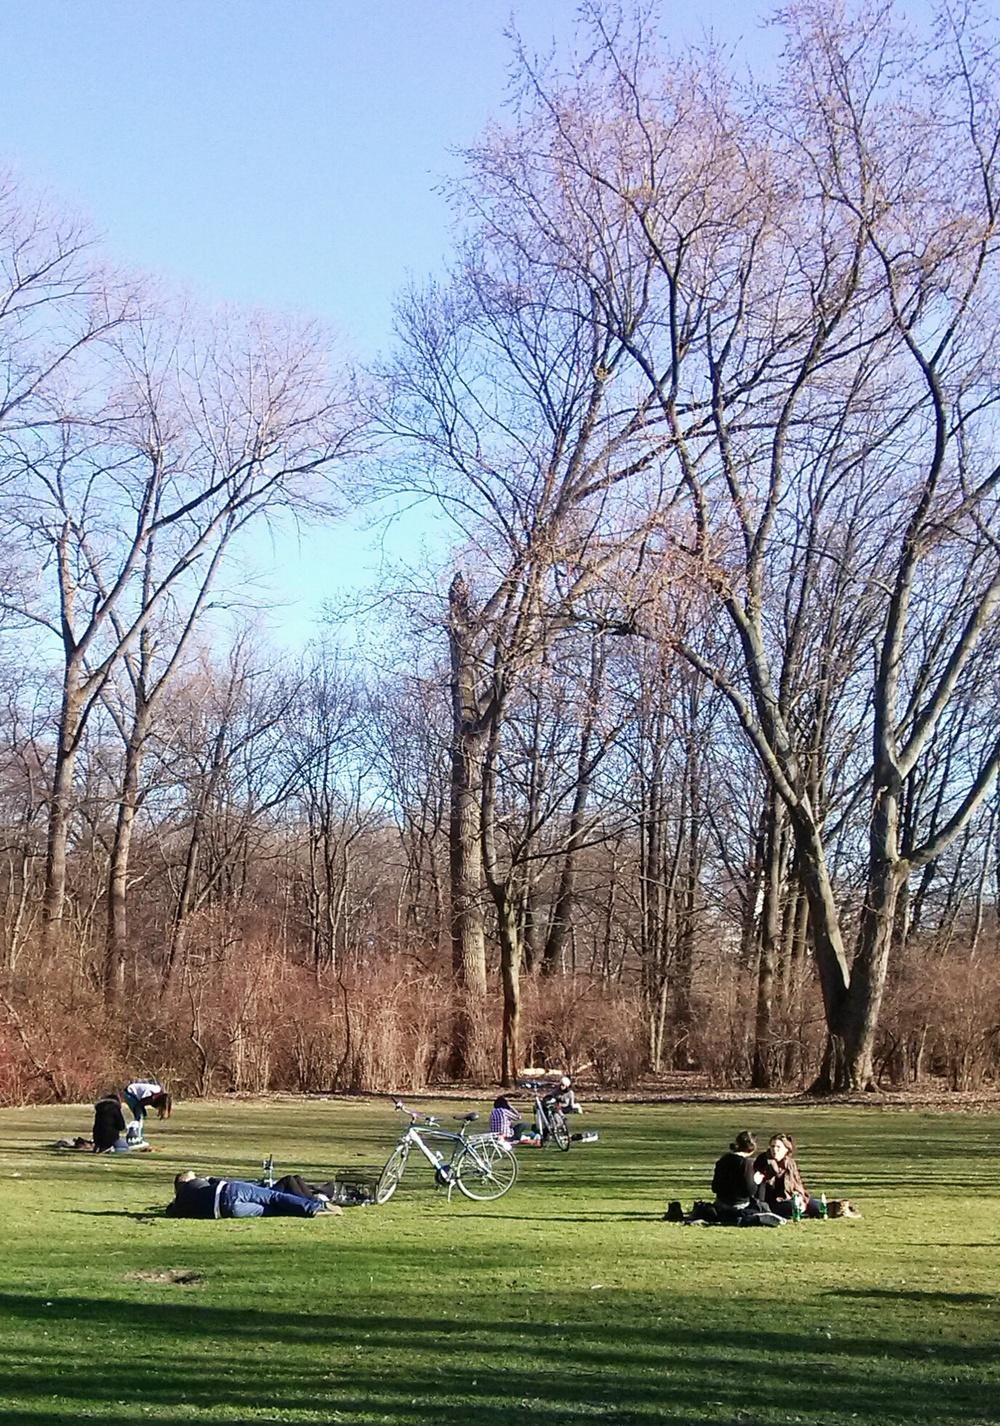 Άνθρωποι στο πάρκο ΙΙ